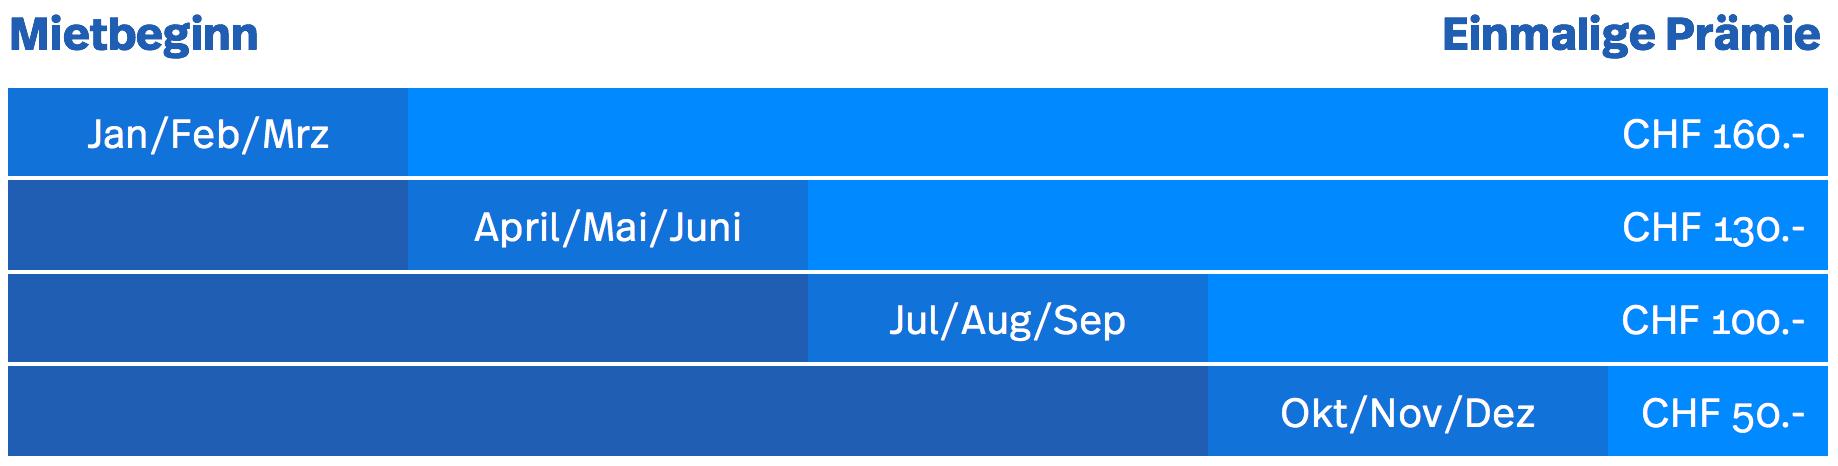 Grafik mit den Prämienbeträgen